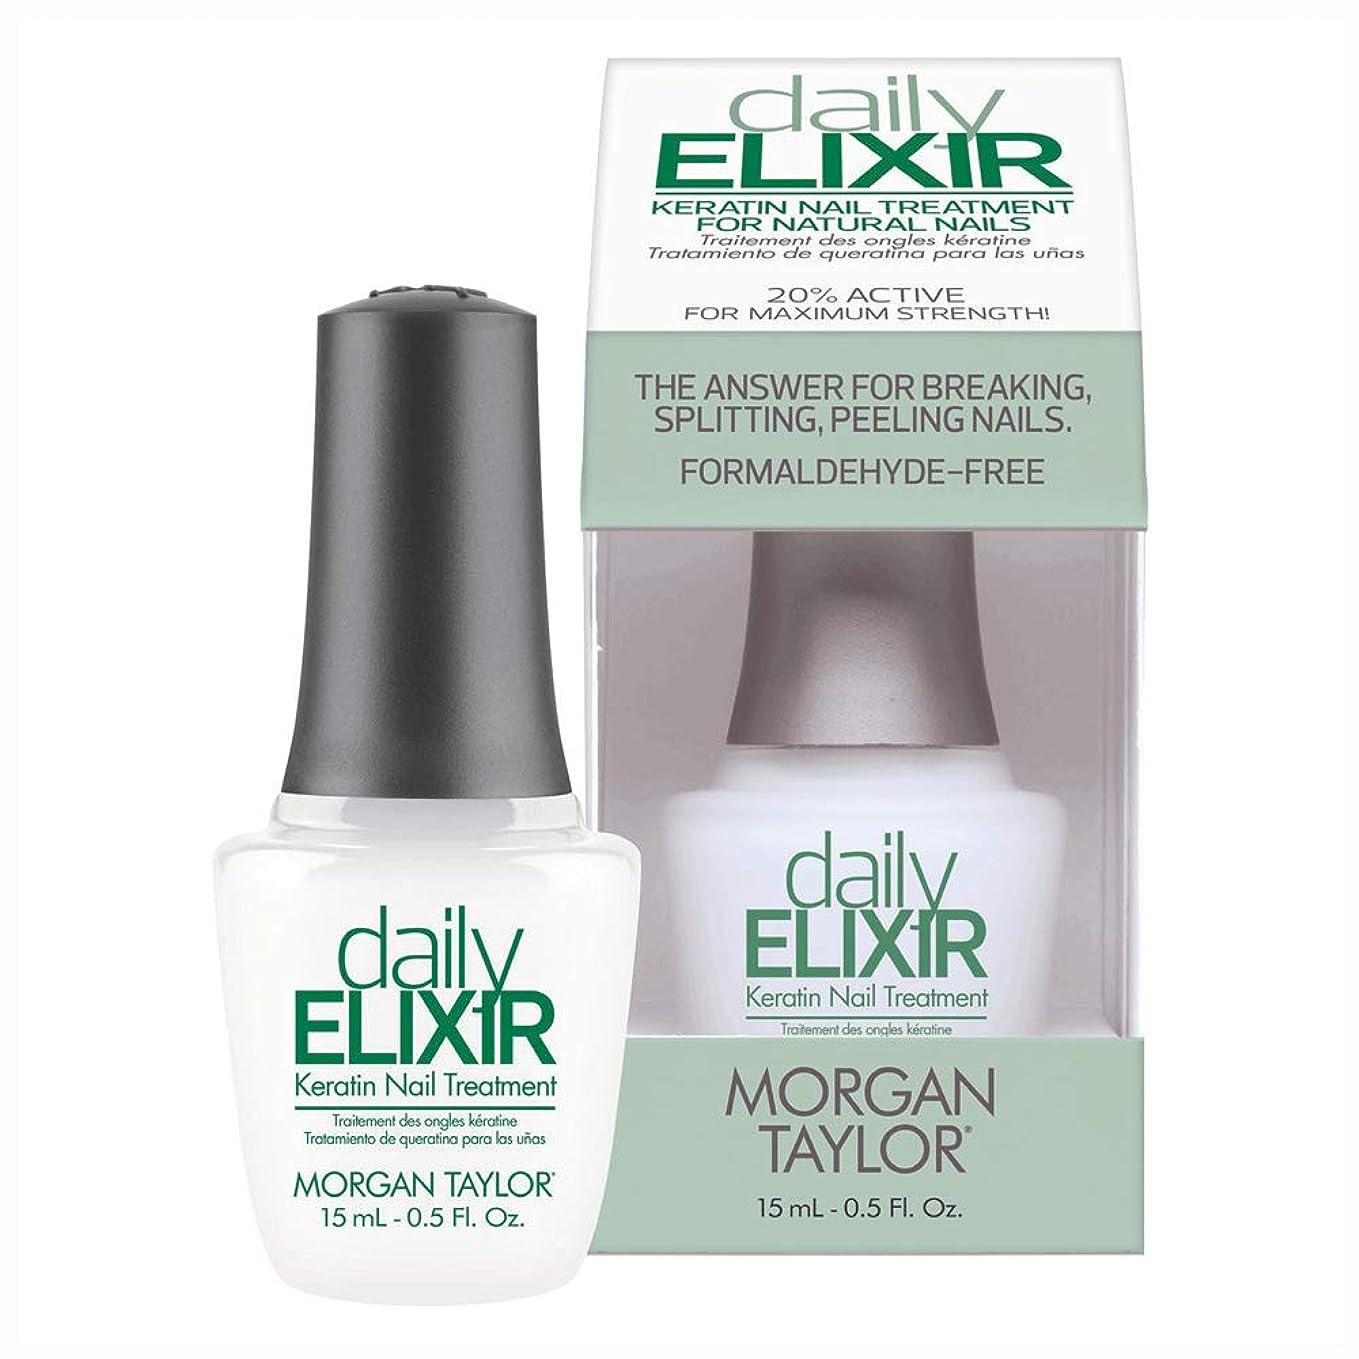 別れる囲い疑問に思うMorgan Taylor - Daily ELIXIR Keratin Nail Treatment - 15 ml/0.5 oz